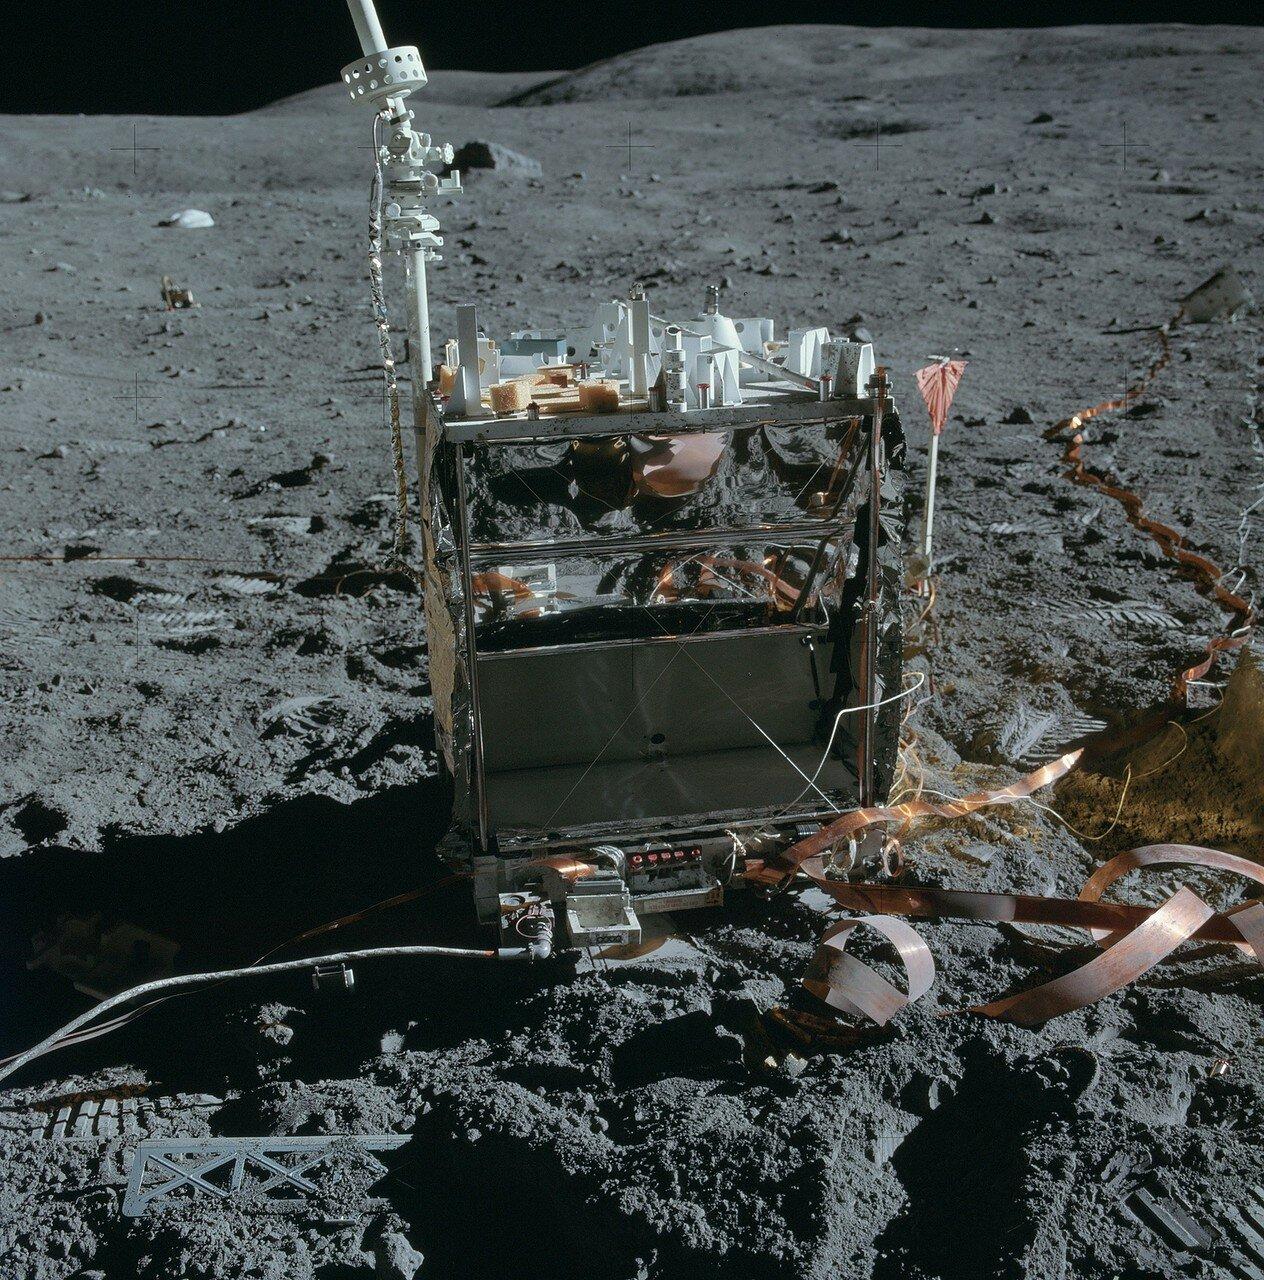 Далее по плану нужно было установить приборы комплекта ALSEP. На снимке: Центральная станция ALSEP и оборванный у самого основания кабель прибора для изучения тепловых потоков в лунном грунте